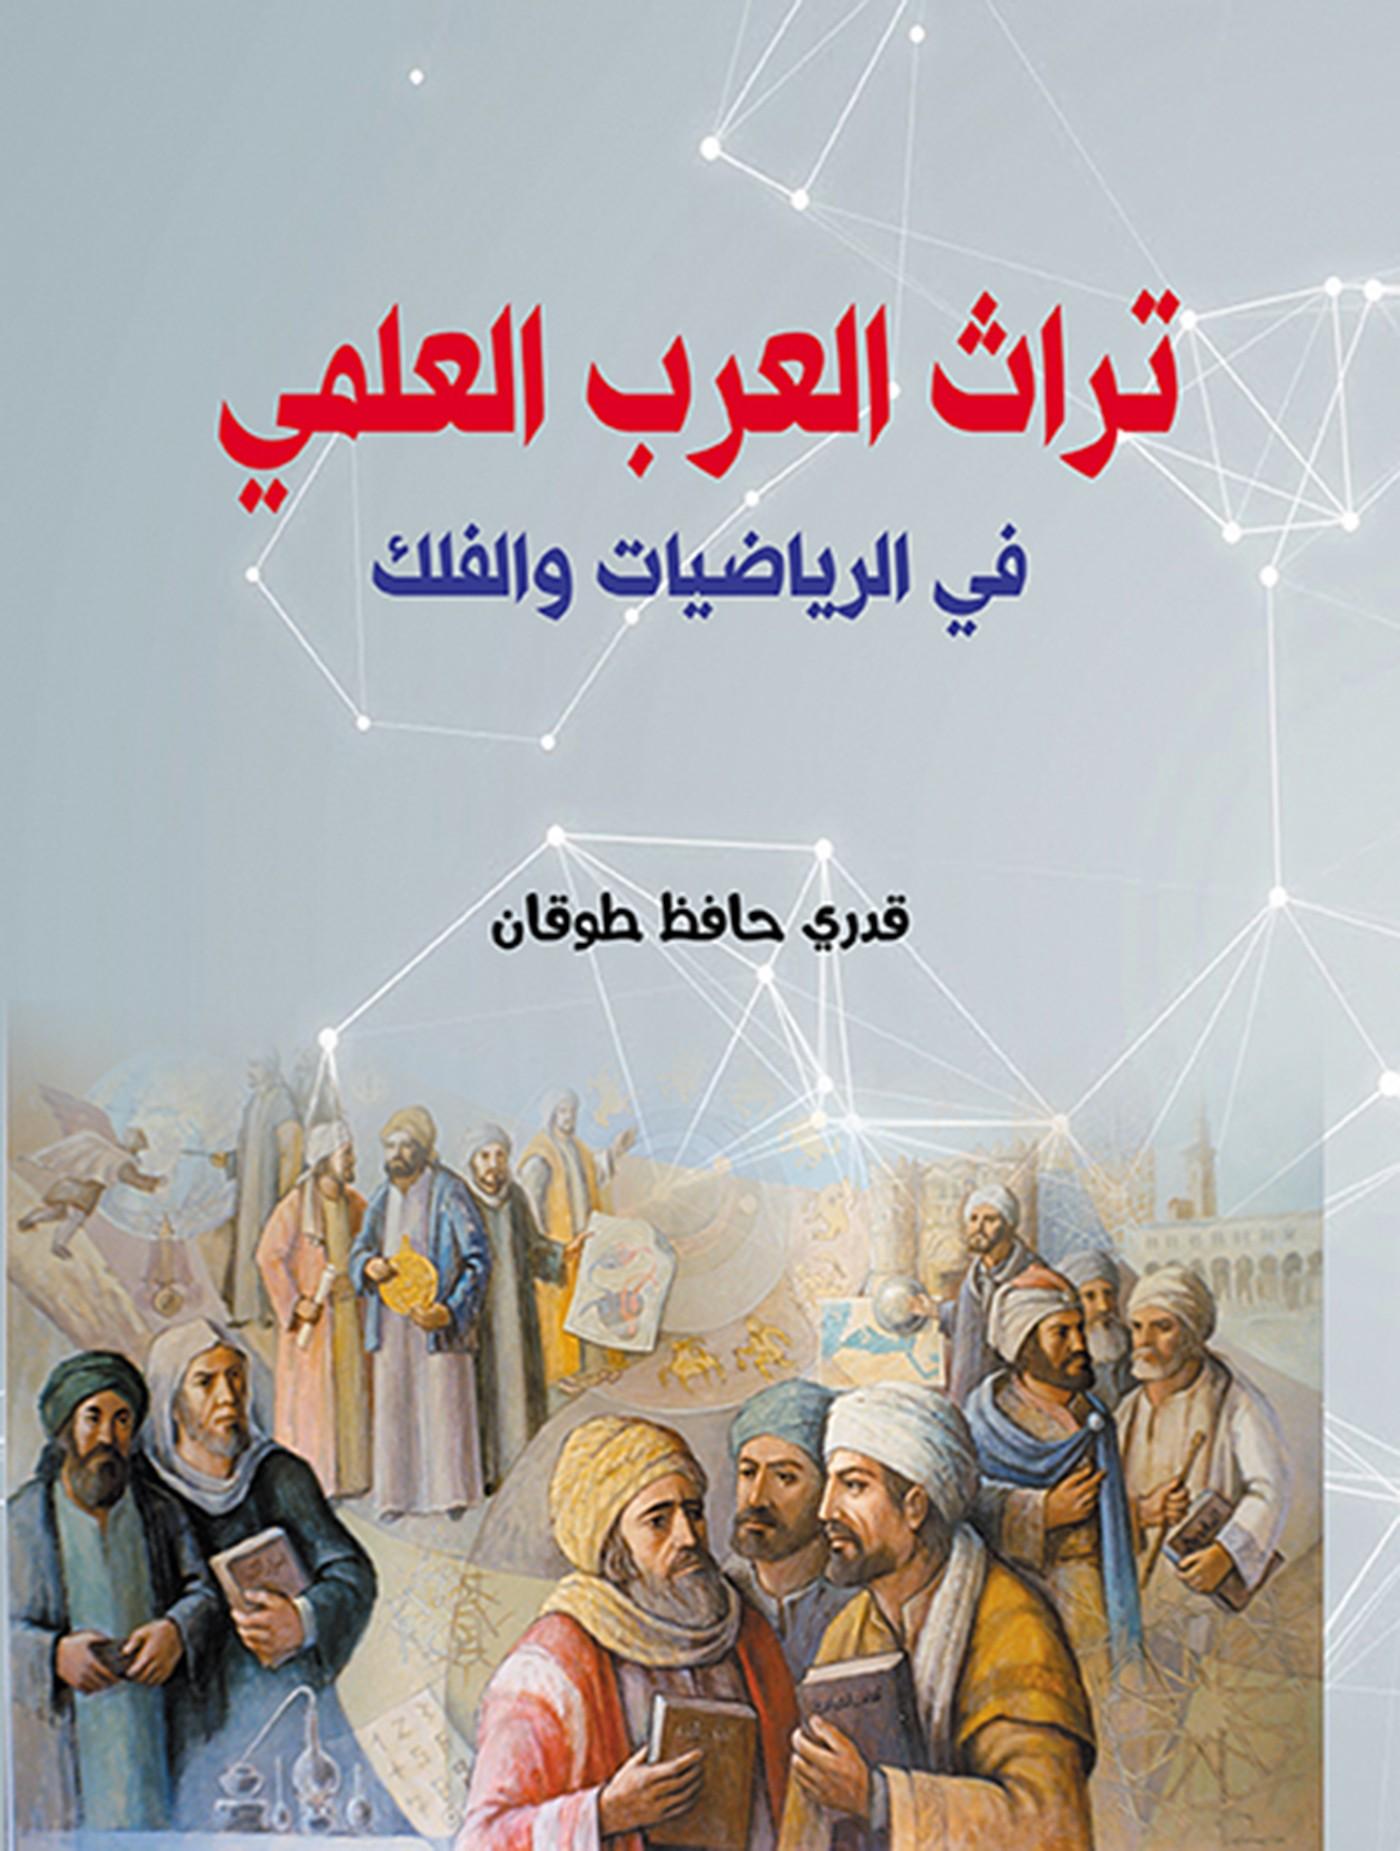 تراث العرب العلمي في الرياضيات والفلك